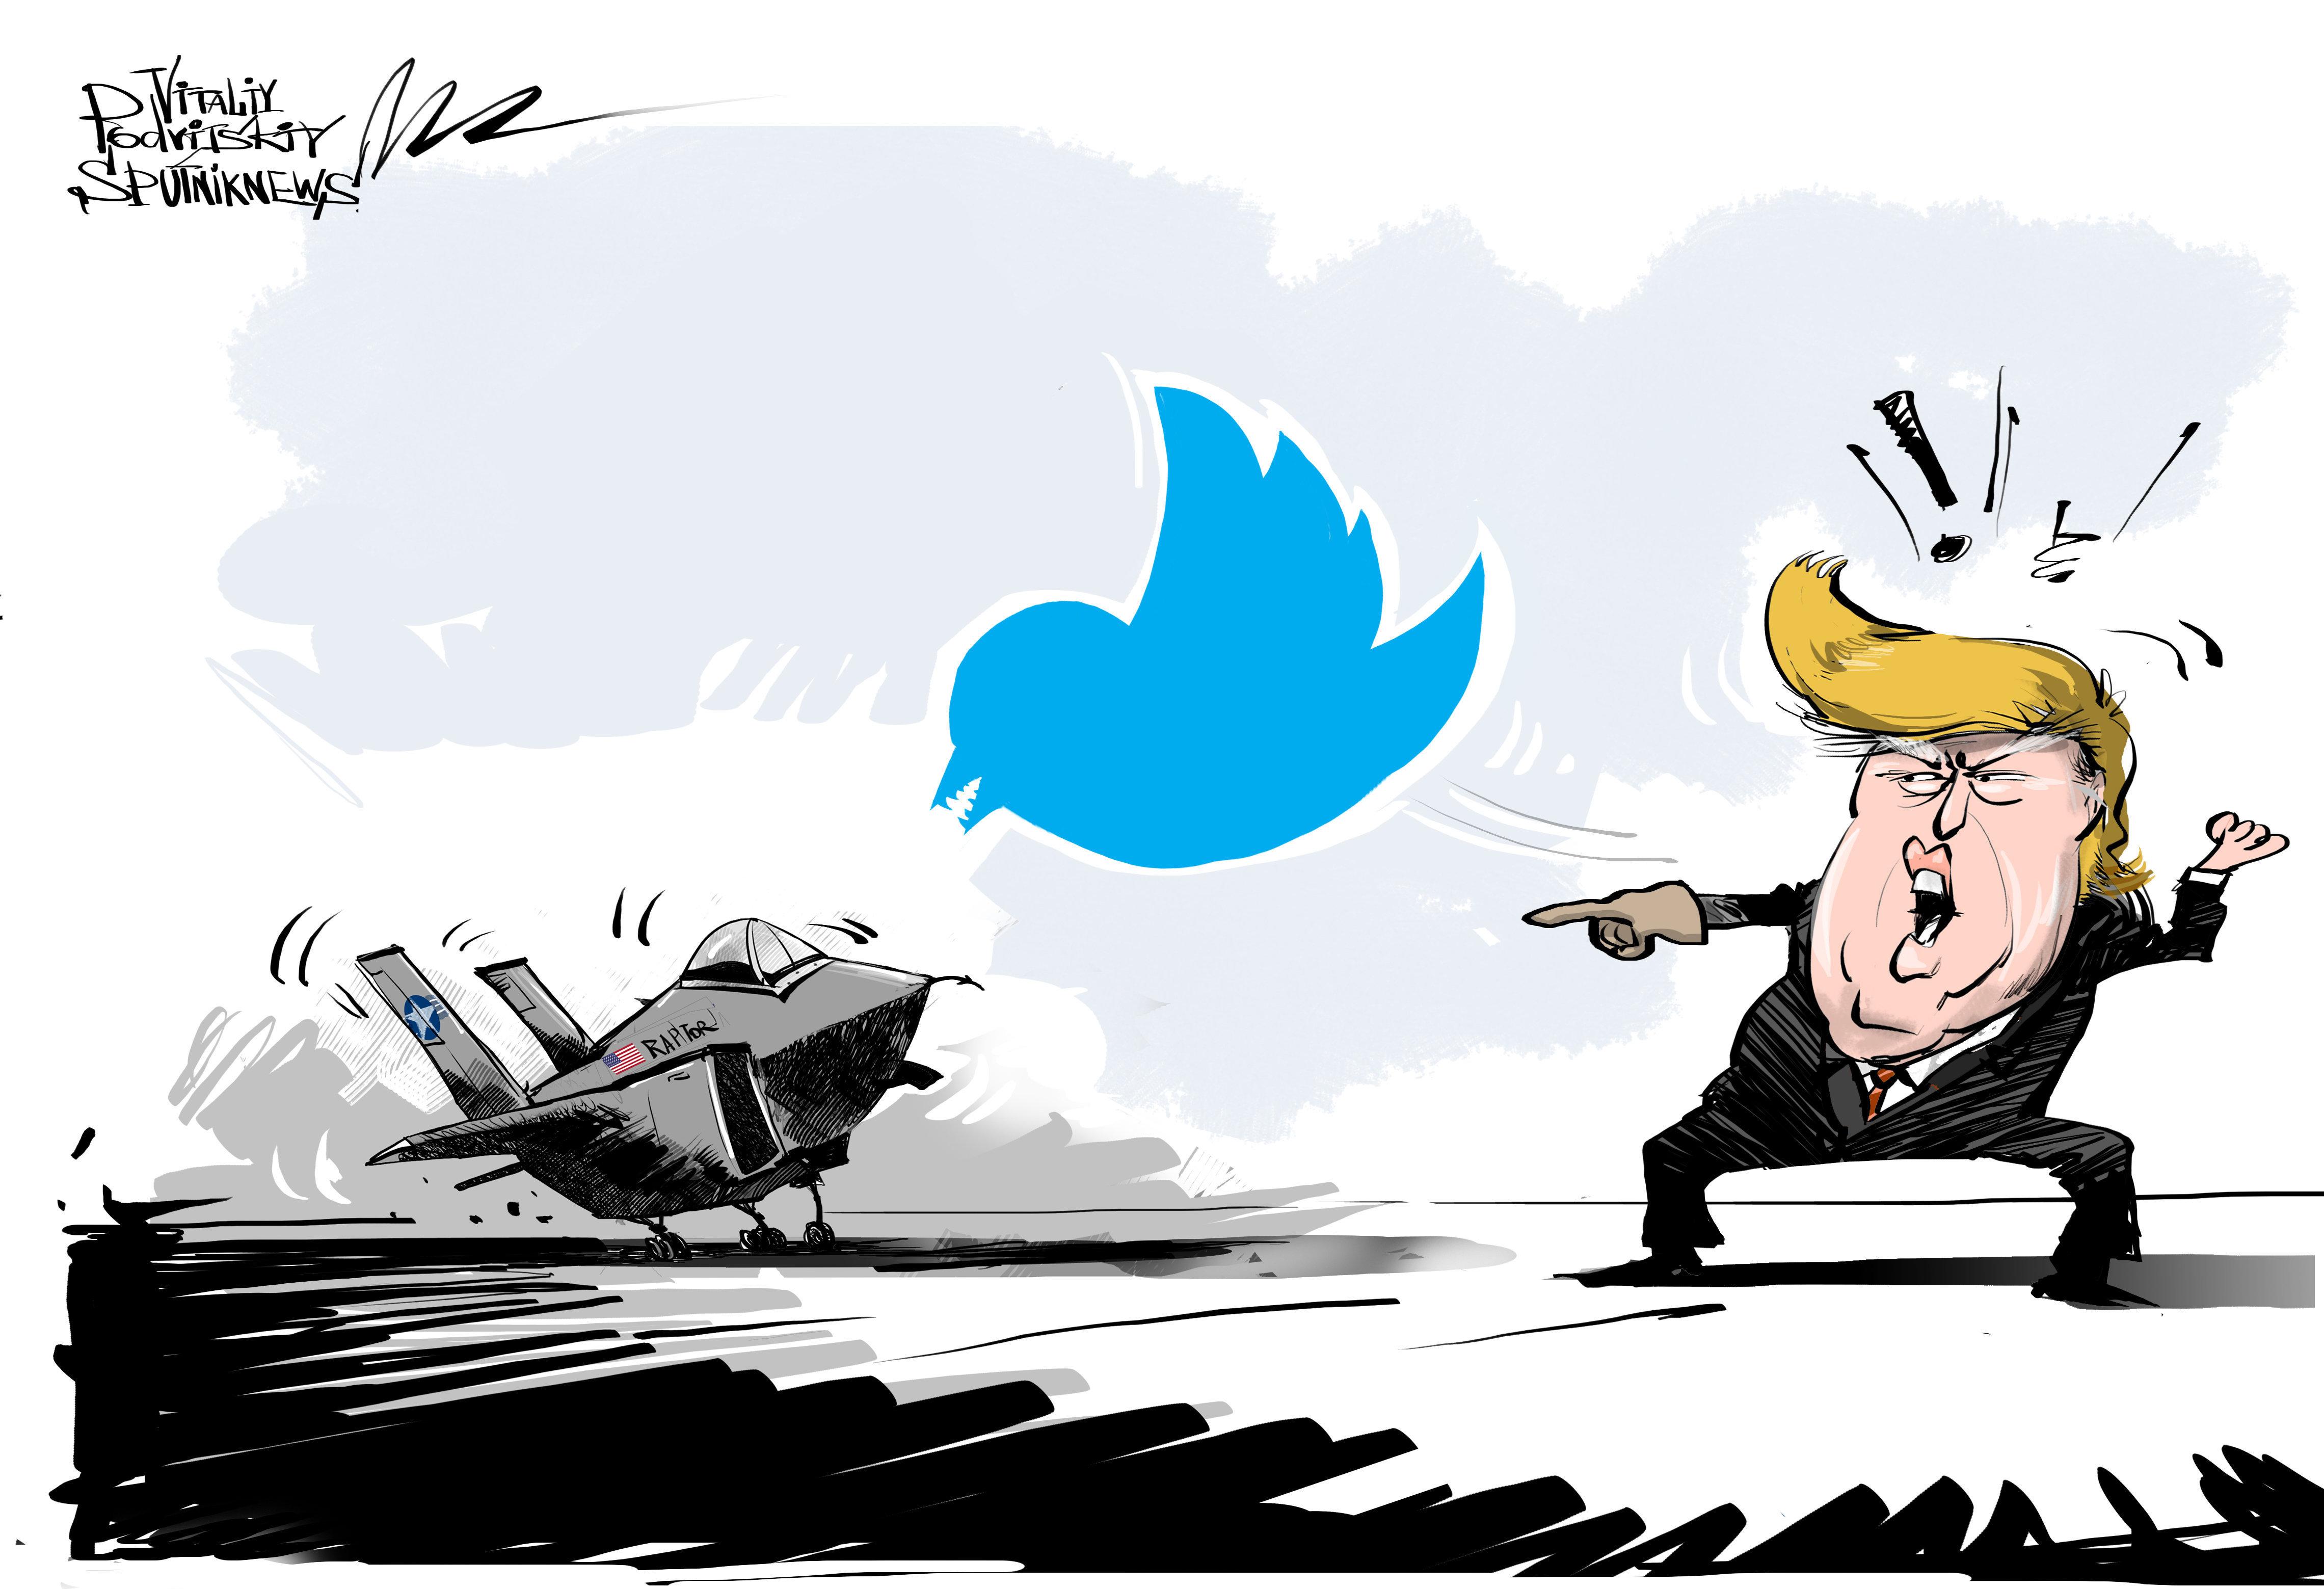 Donald Trump et la météo portent un double coup au constructeur du F-35